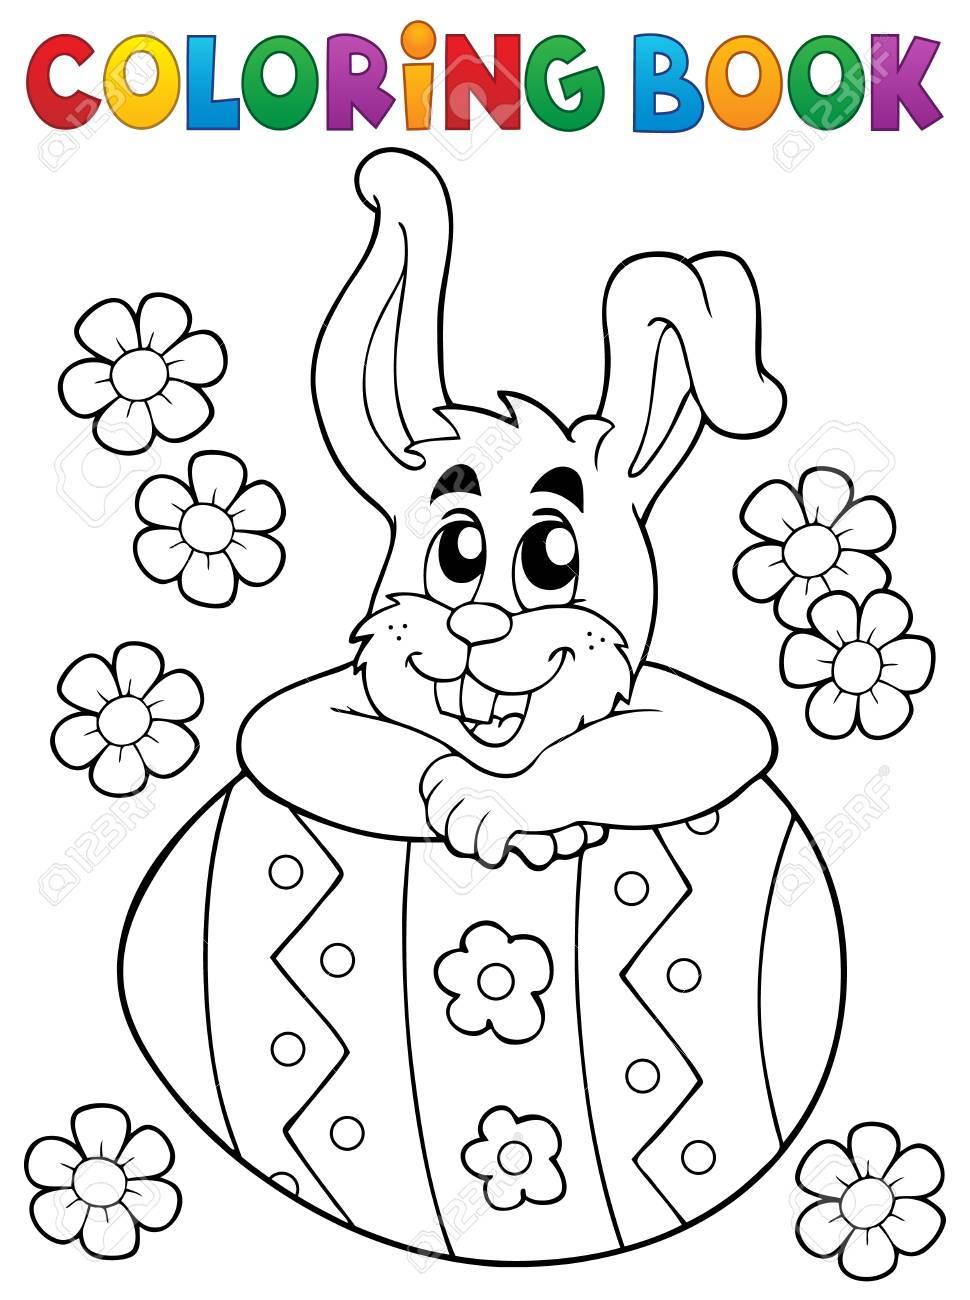 Livre De Coloriage Theme De Lapin De Paques 4 Eps10 Illustration Vectorielle Clip Art Libres De Droits Vecteurs Et Illustration Image 69774558